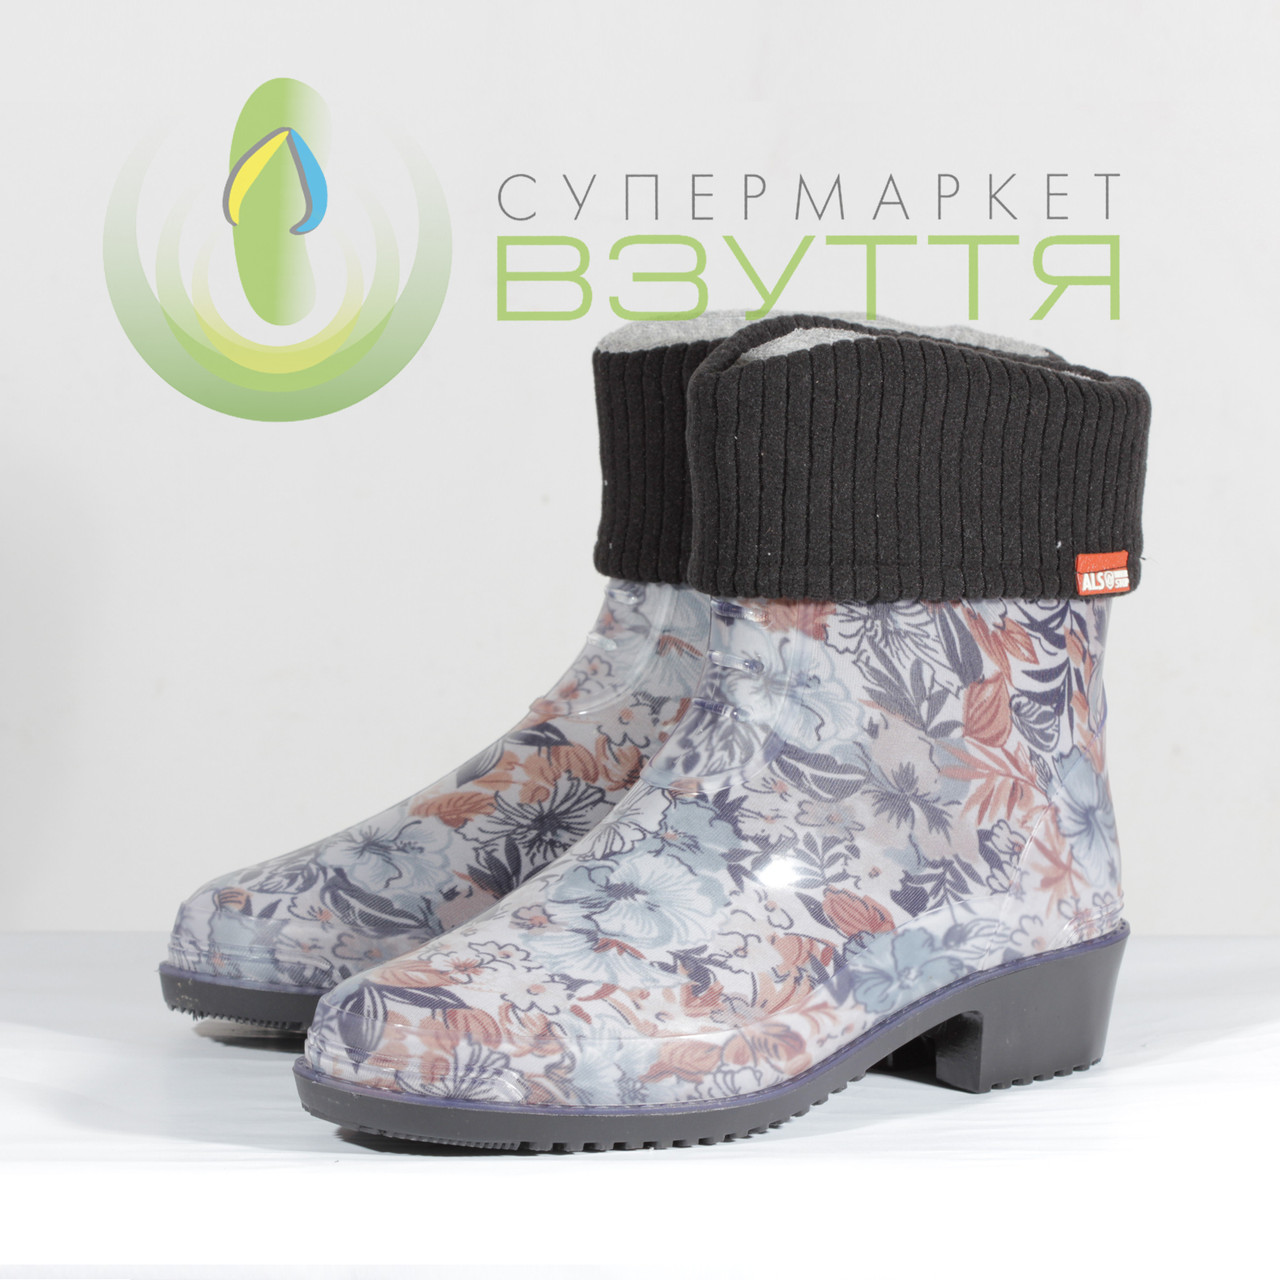 Женские резиновые ботинки с цветочным принтом  А 203 цветы 38,39,40p.